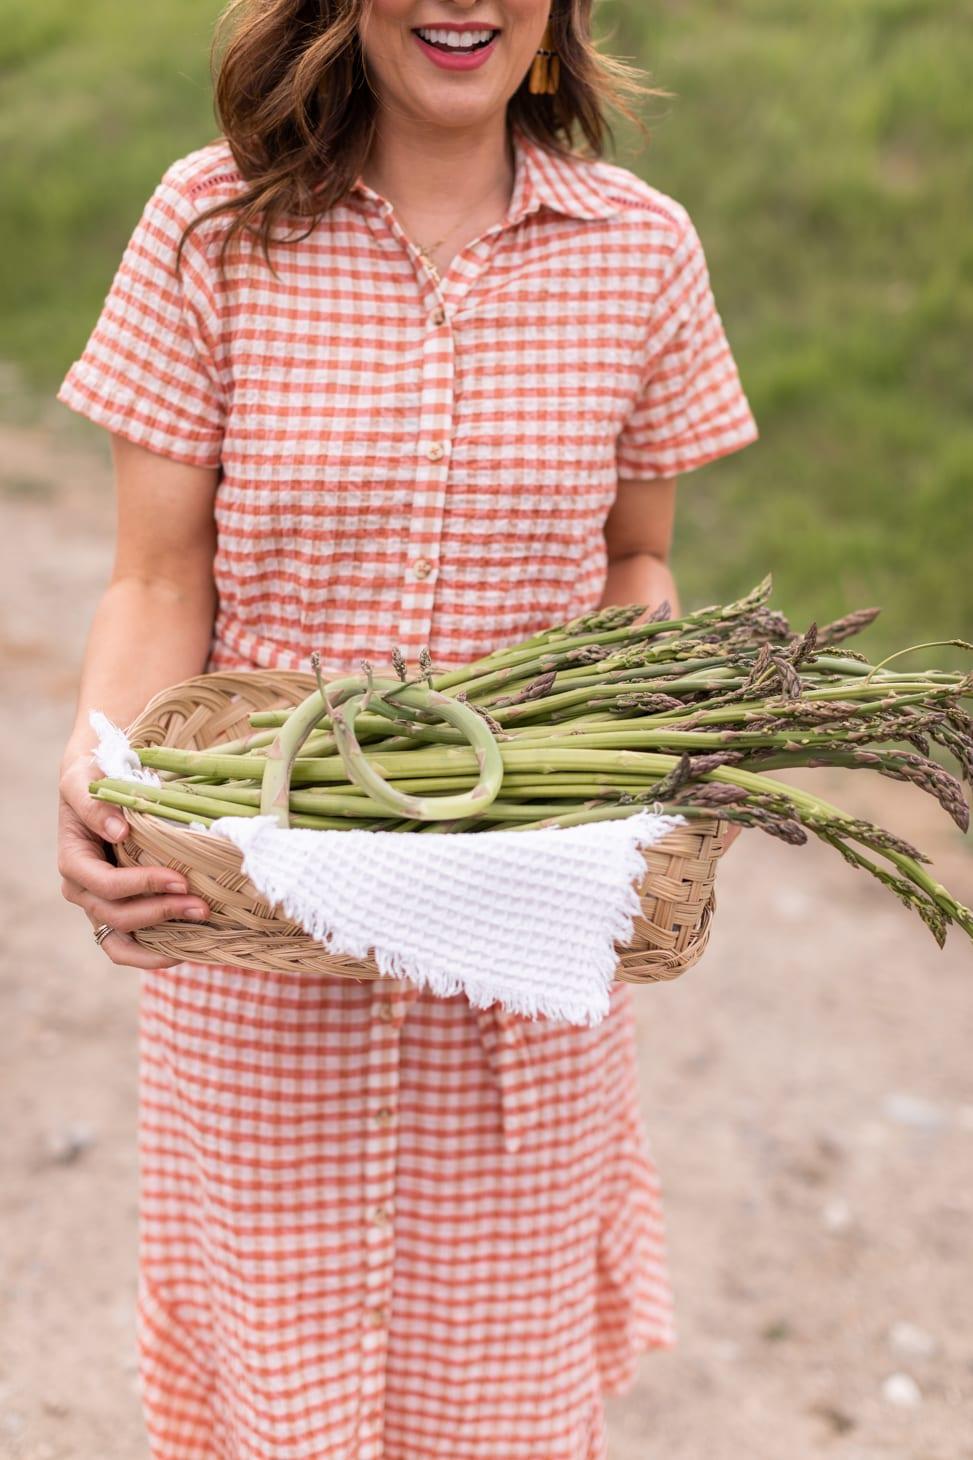 Jillian Harris Wild Asparagus